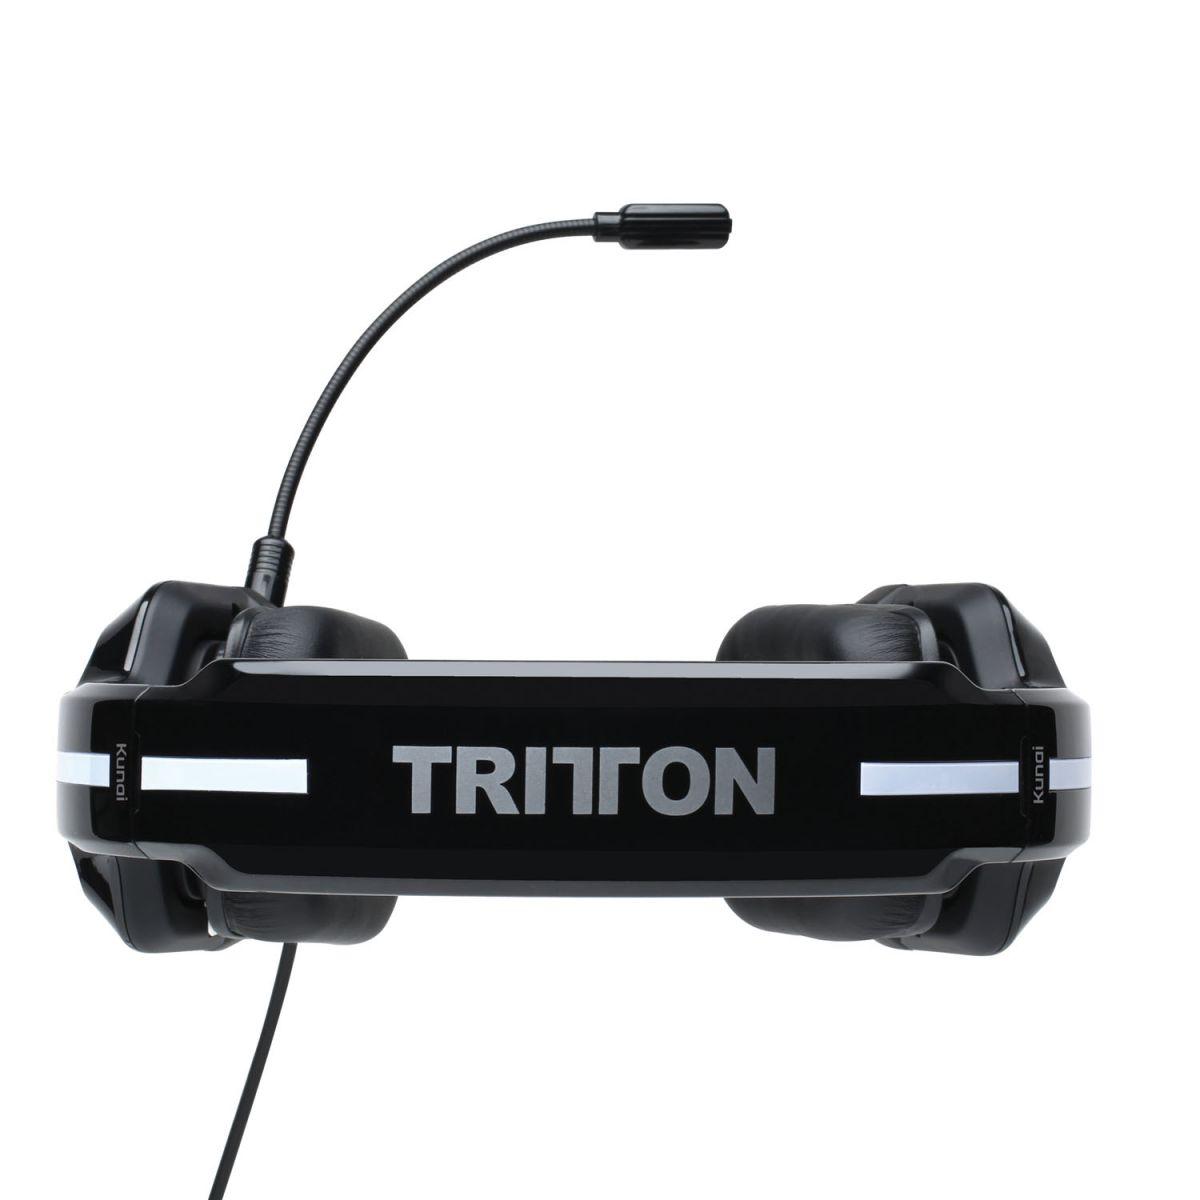 Fone de Ouvido c/ Microfone Tritton Kunai Universal Stereo Black para Xbox 360, PS4, Wii U, PC/Mac & Mobile TRI903590002